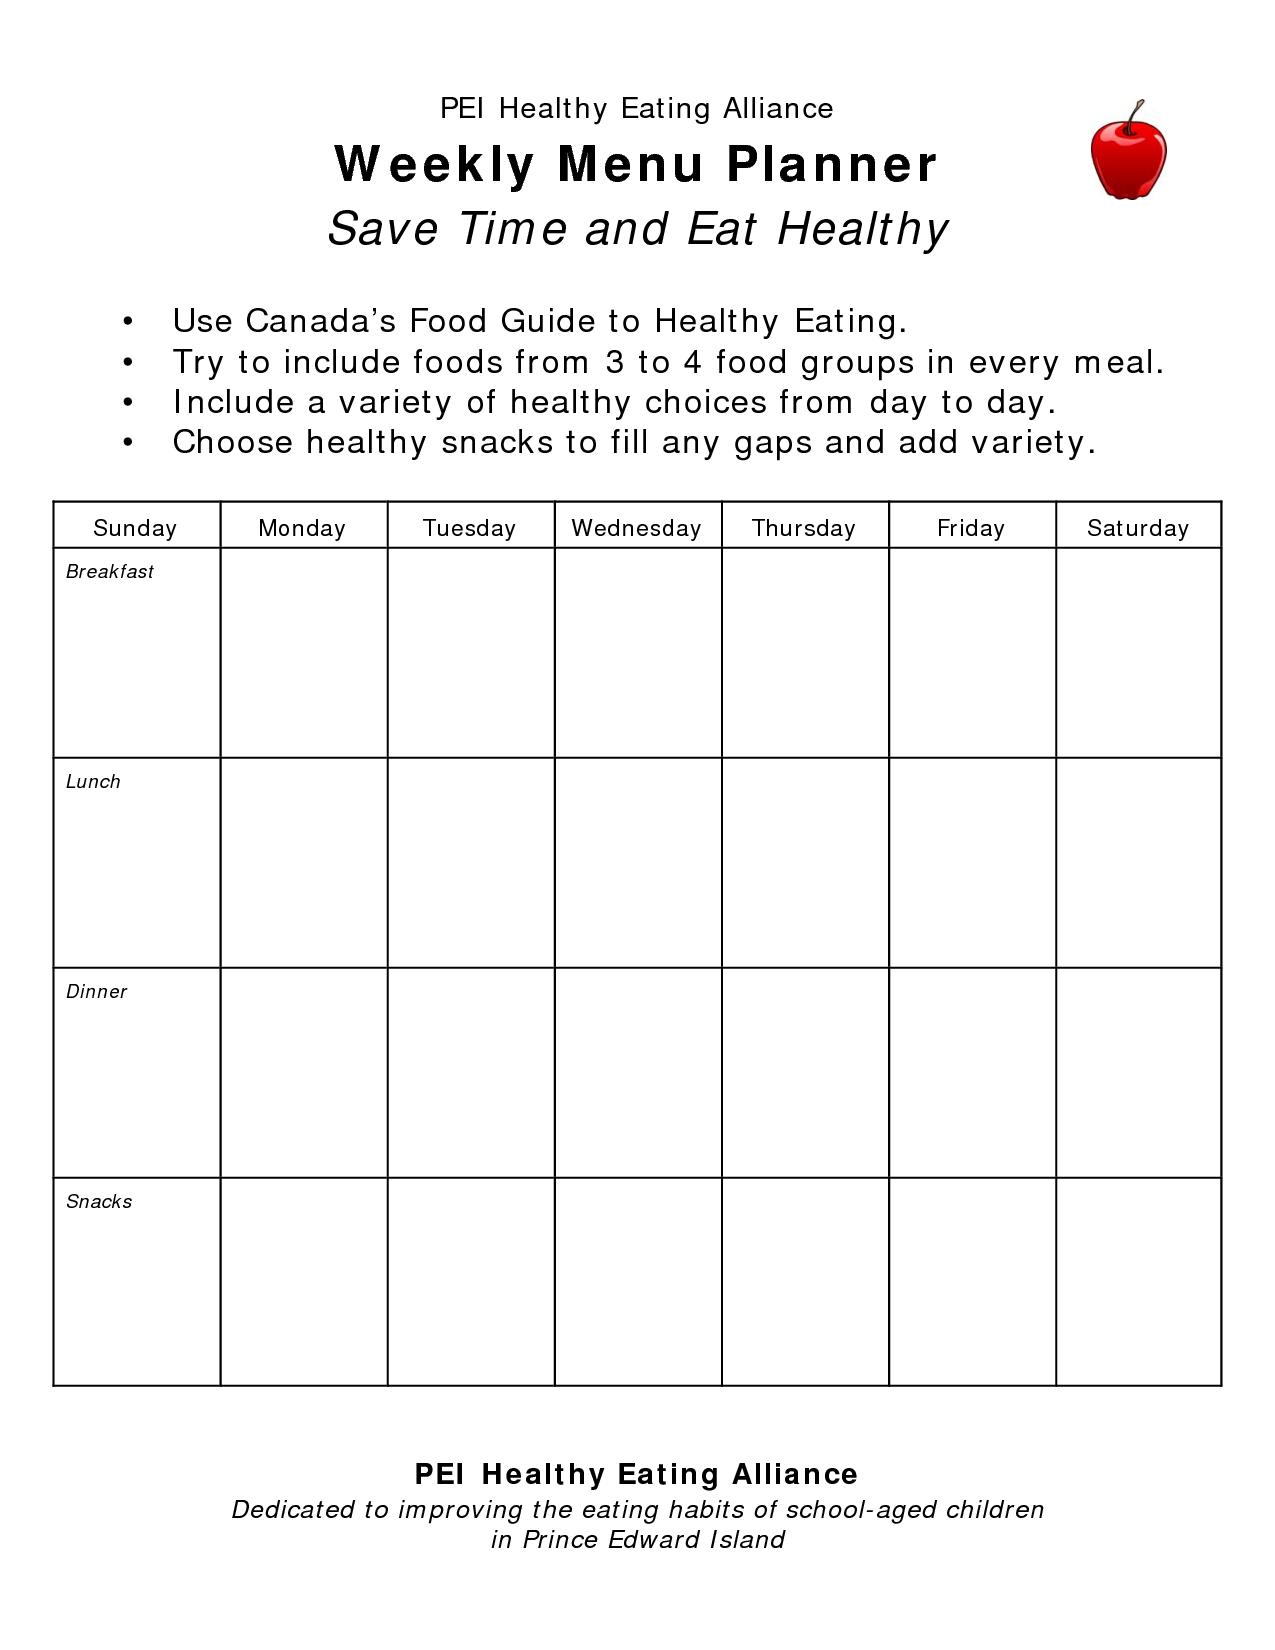 Blank Weekly Menu Planner Weekly menu planners, Weekly